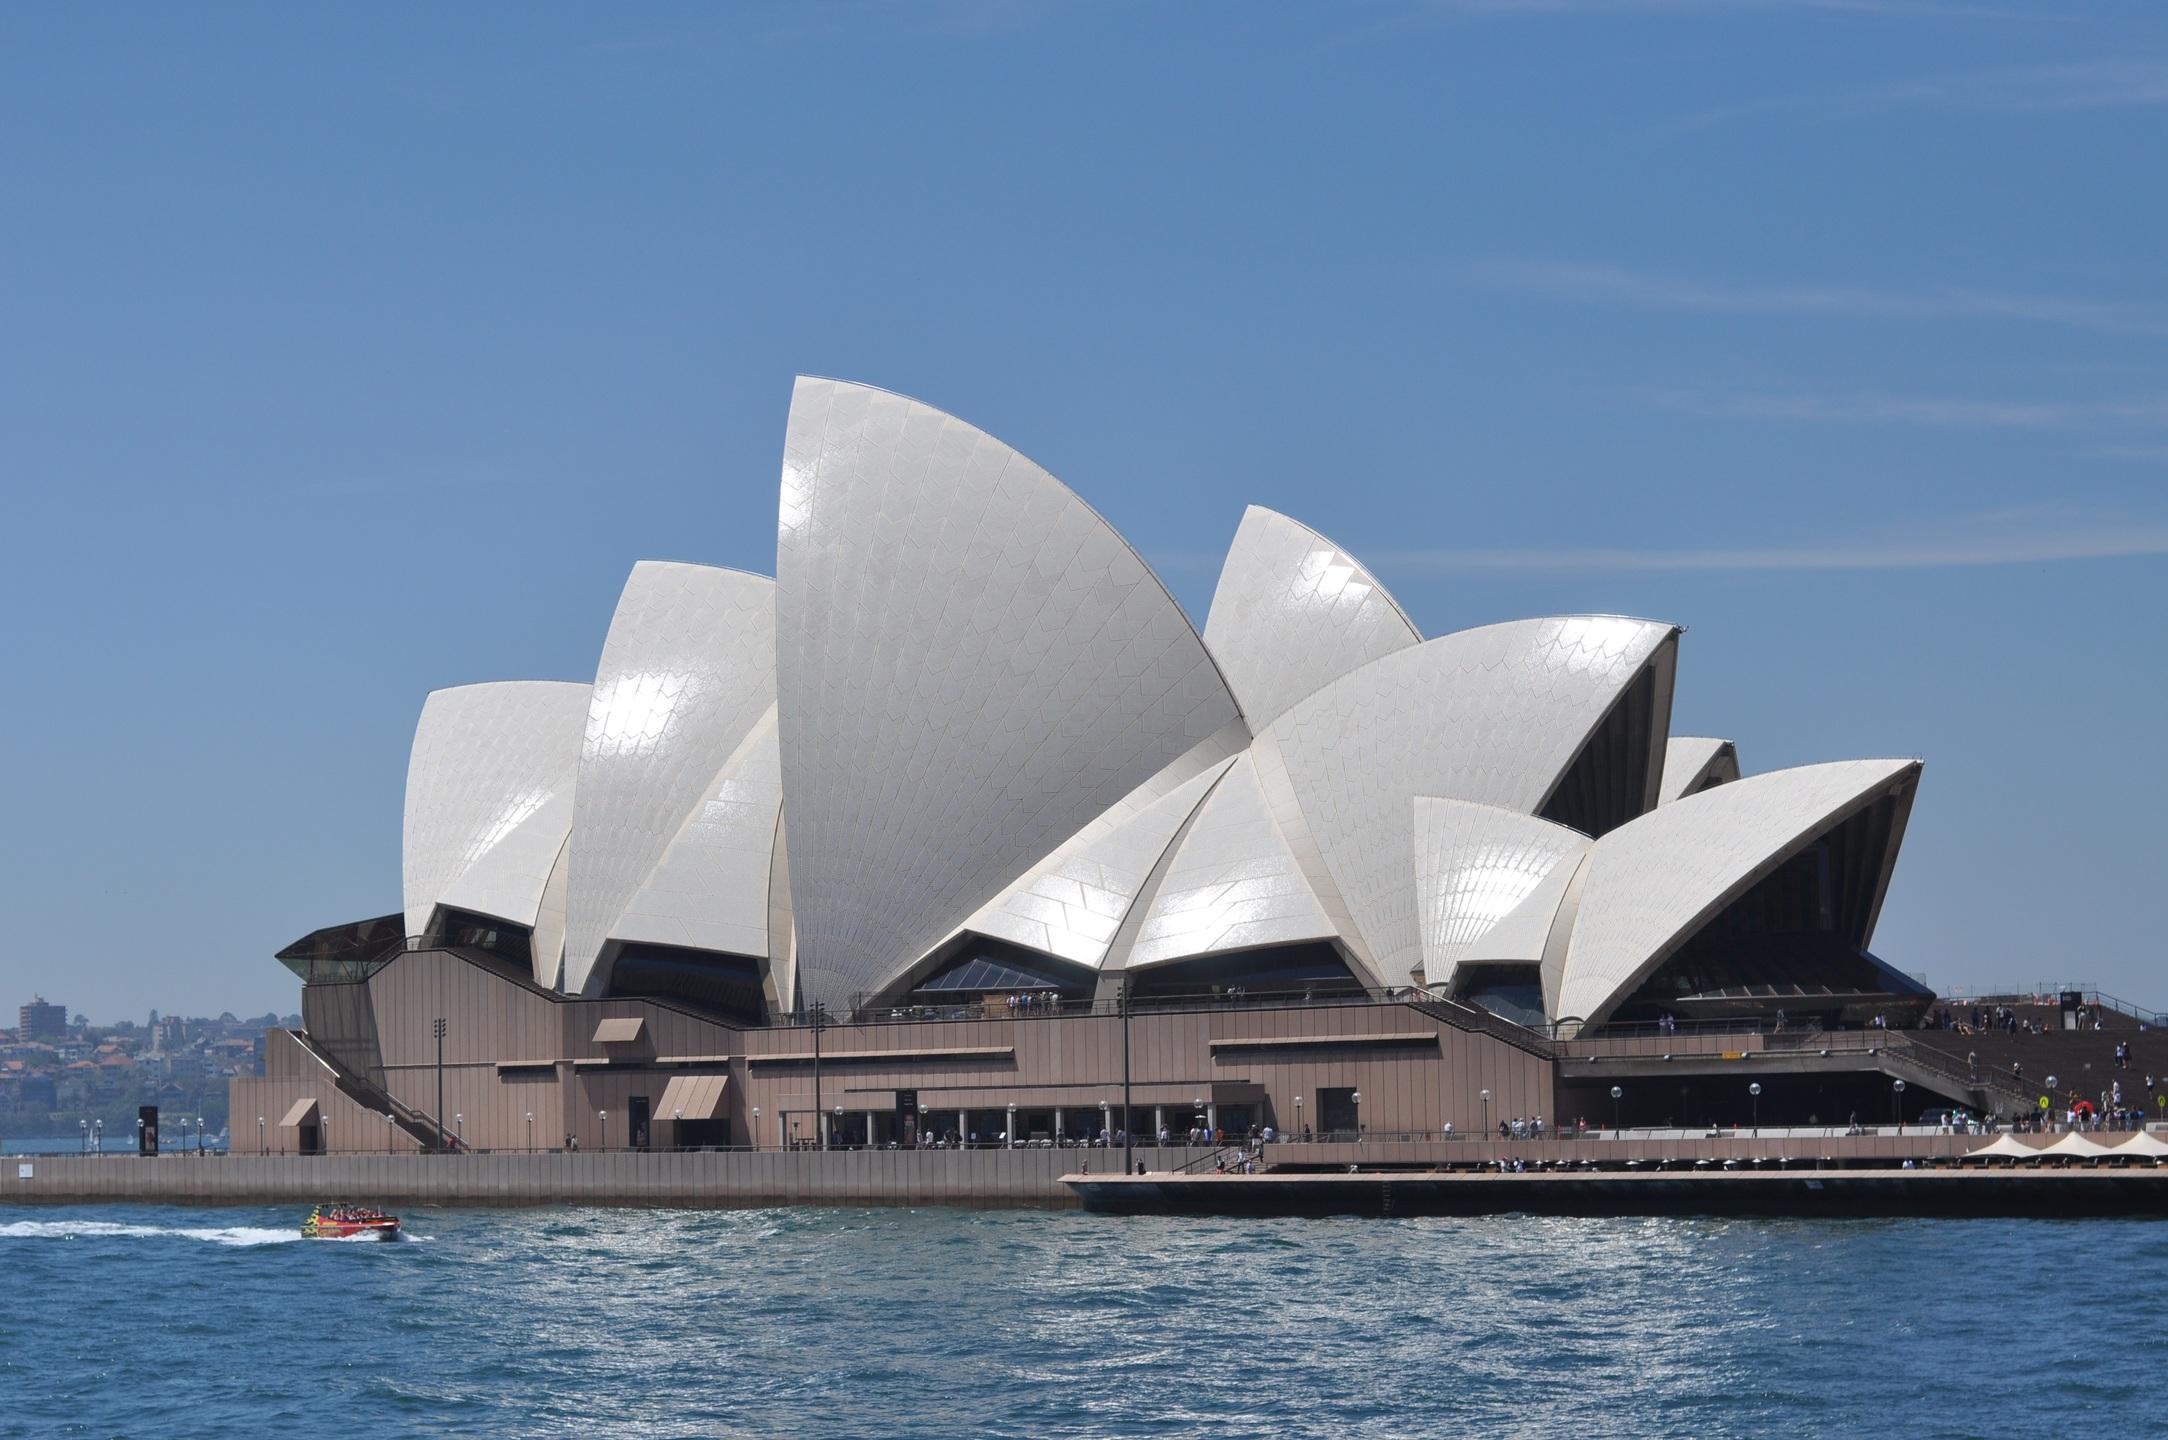 10 coisas que você deveria saber antes de estudar na Austrália